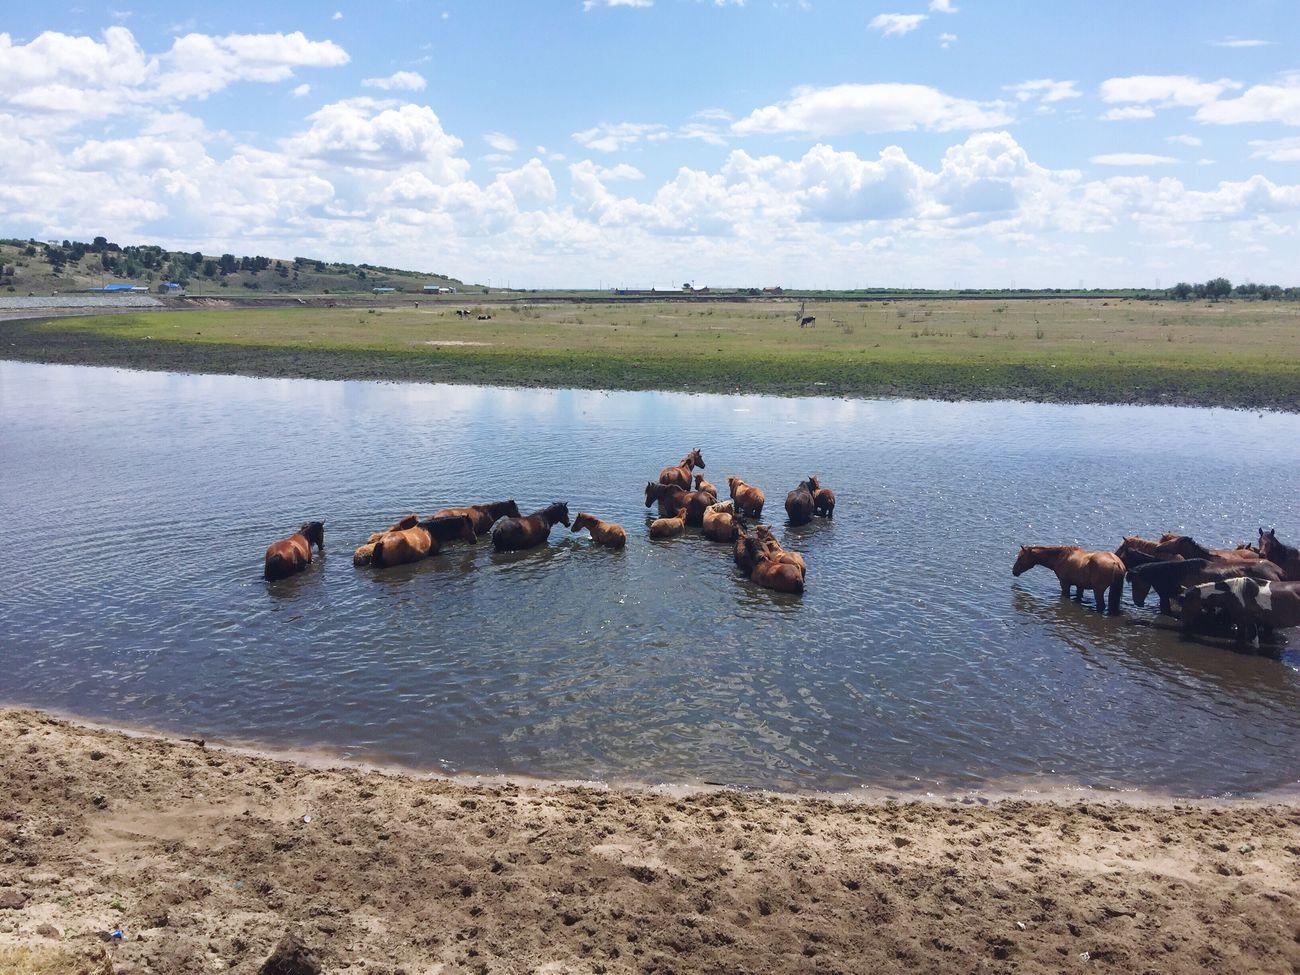 草原与野马 Glassland Fury Horse Hometown